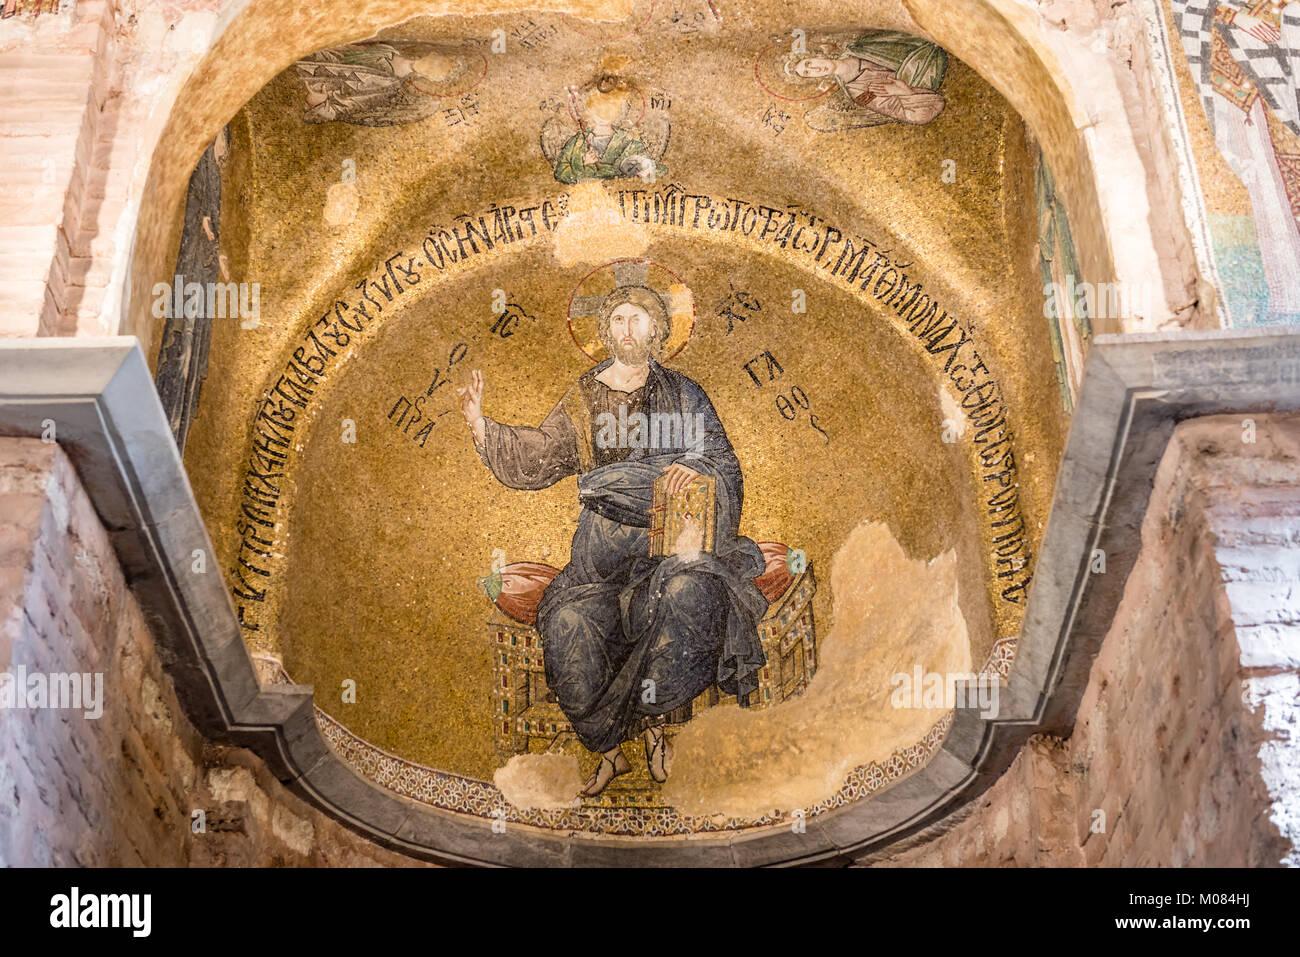 Antico mosaico raffigurante Gesù Cristo in Theotokos Pammakaristos Chiesa a Fethiye Camii in Carsamba vicinanze della contea di Fatih di Istanbul, Turchia.15 OC Foto stock - Alamy